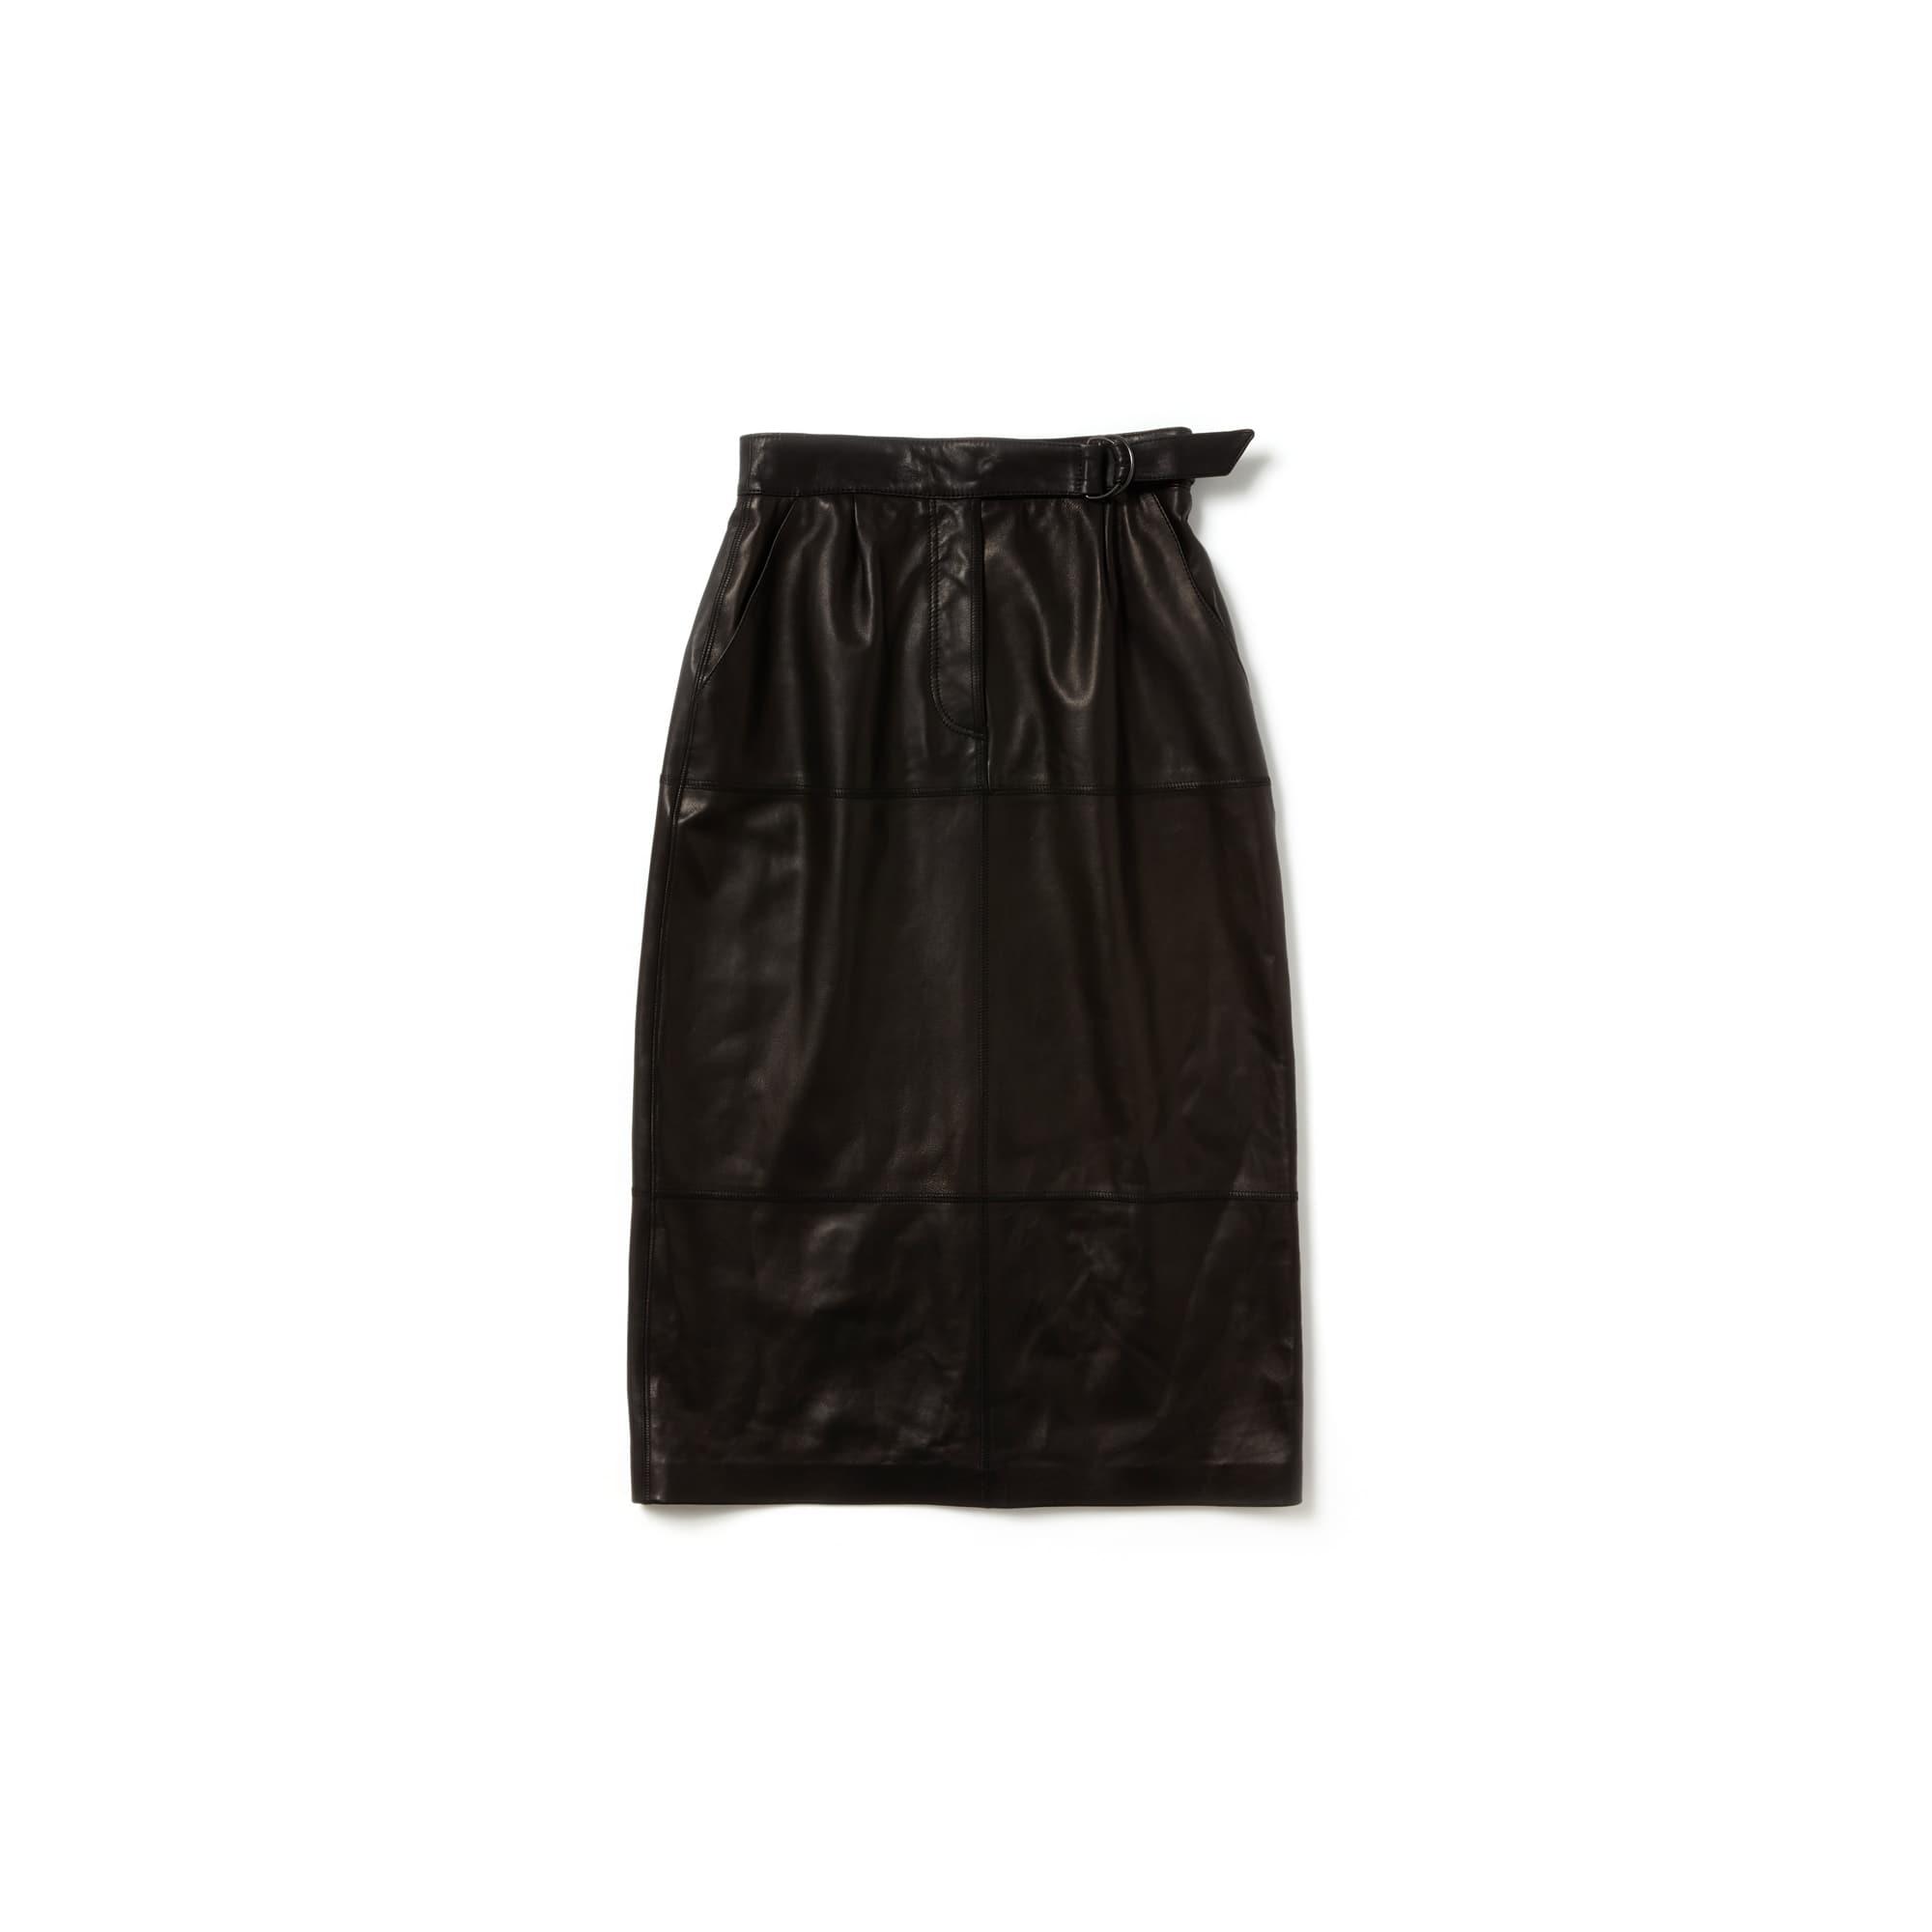 라코스테 Lacoste Womens Fashion Show High Waisted Soft Leather Skirt,Black